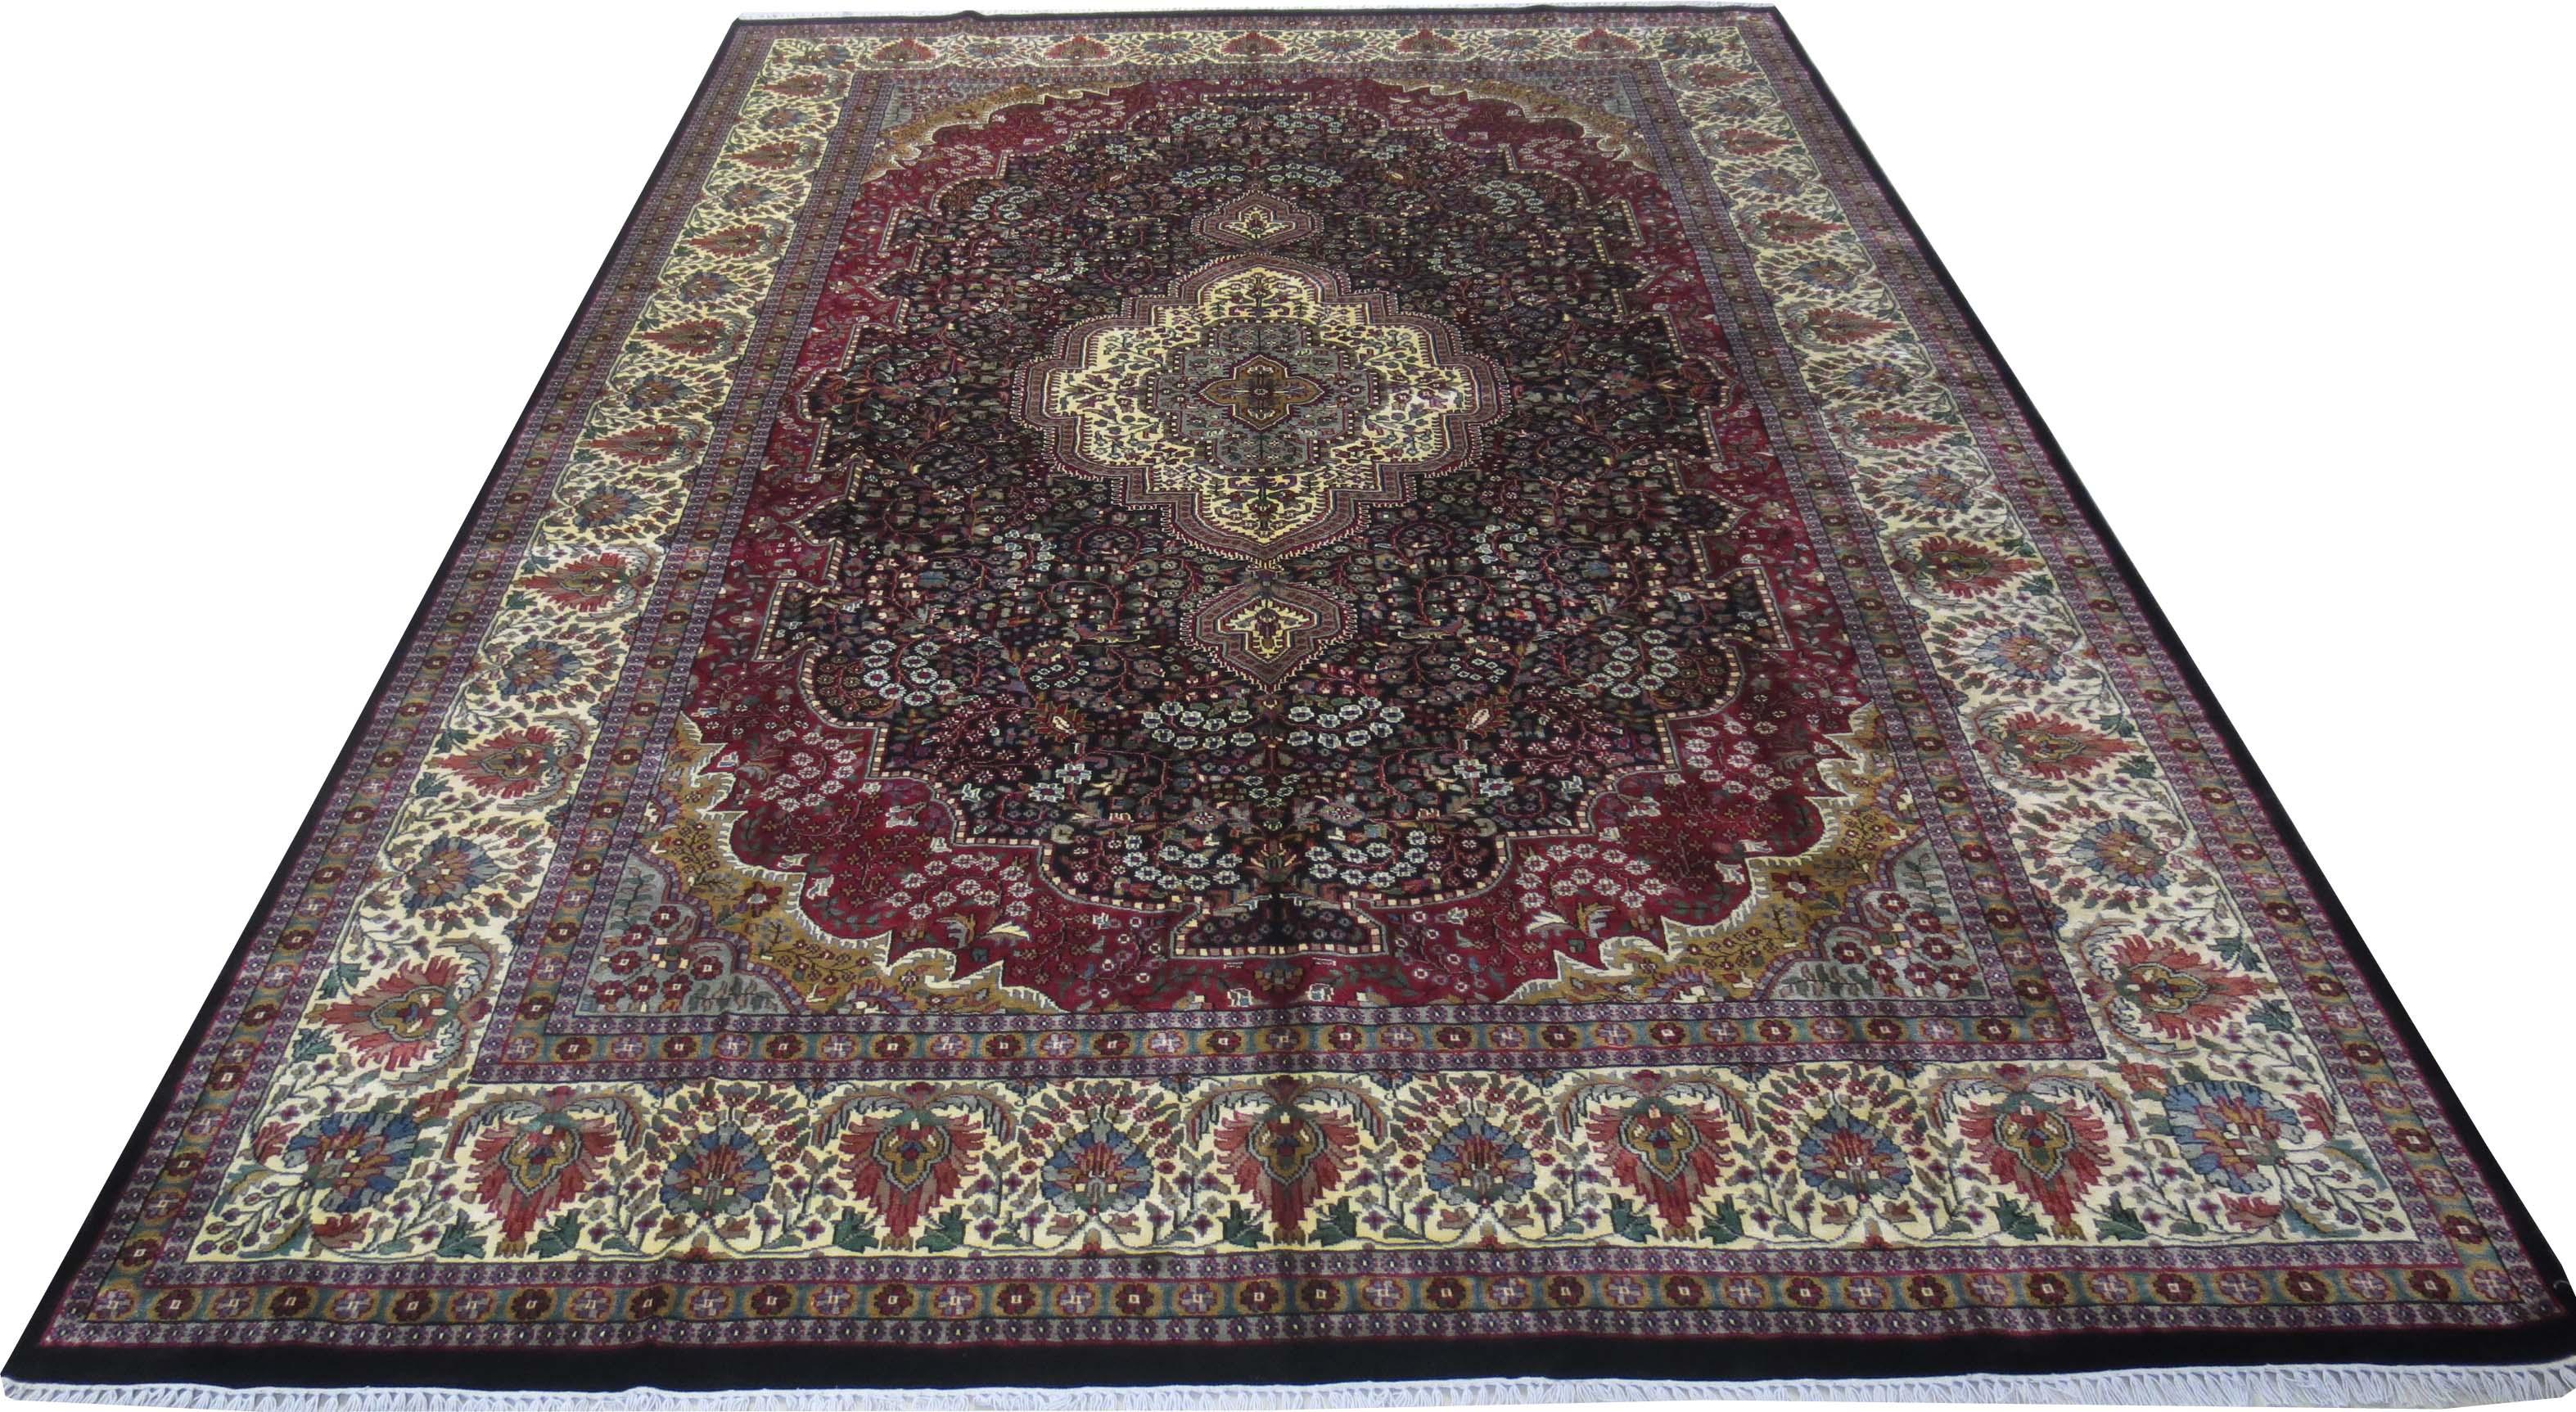 Rugs on hardwood floors handmade 9 x 12 silk blend kashmir for Rugs for wood floors